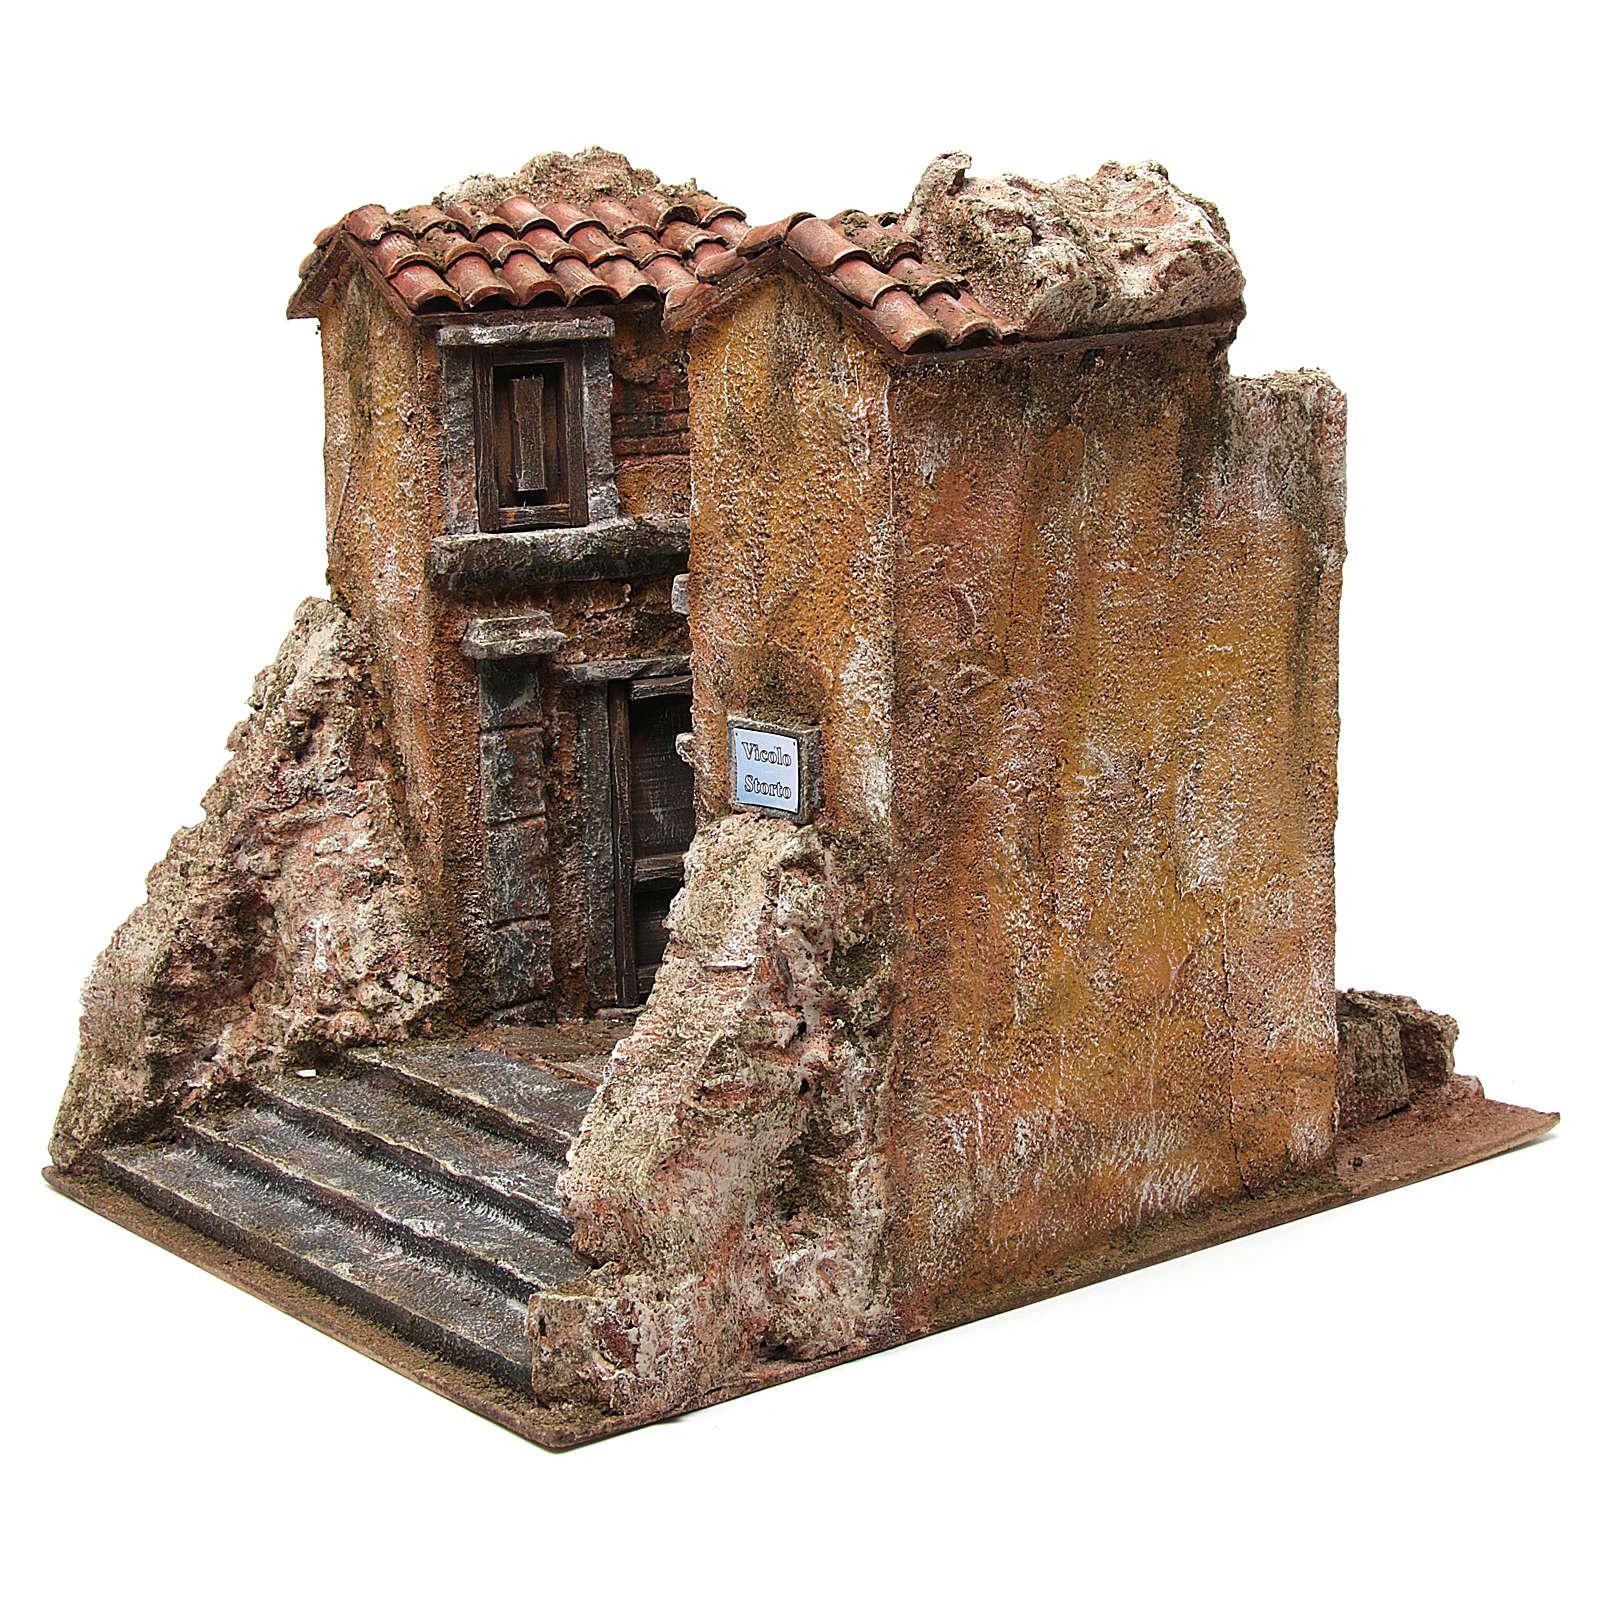 Aldea Callejón Torcido para belén 10 cm de altura media 29x29x25 cm 4